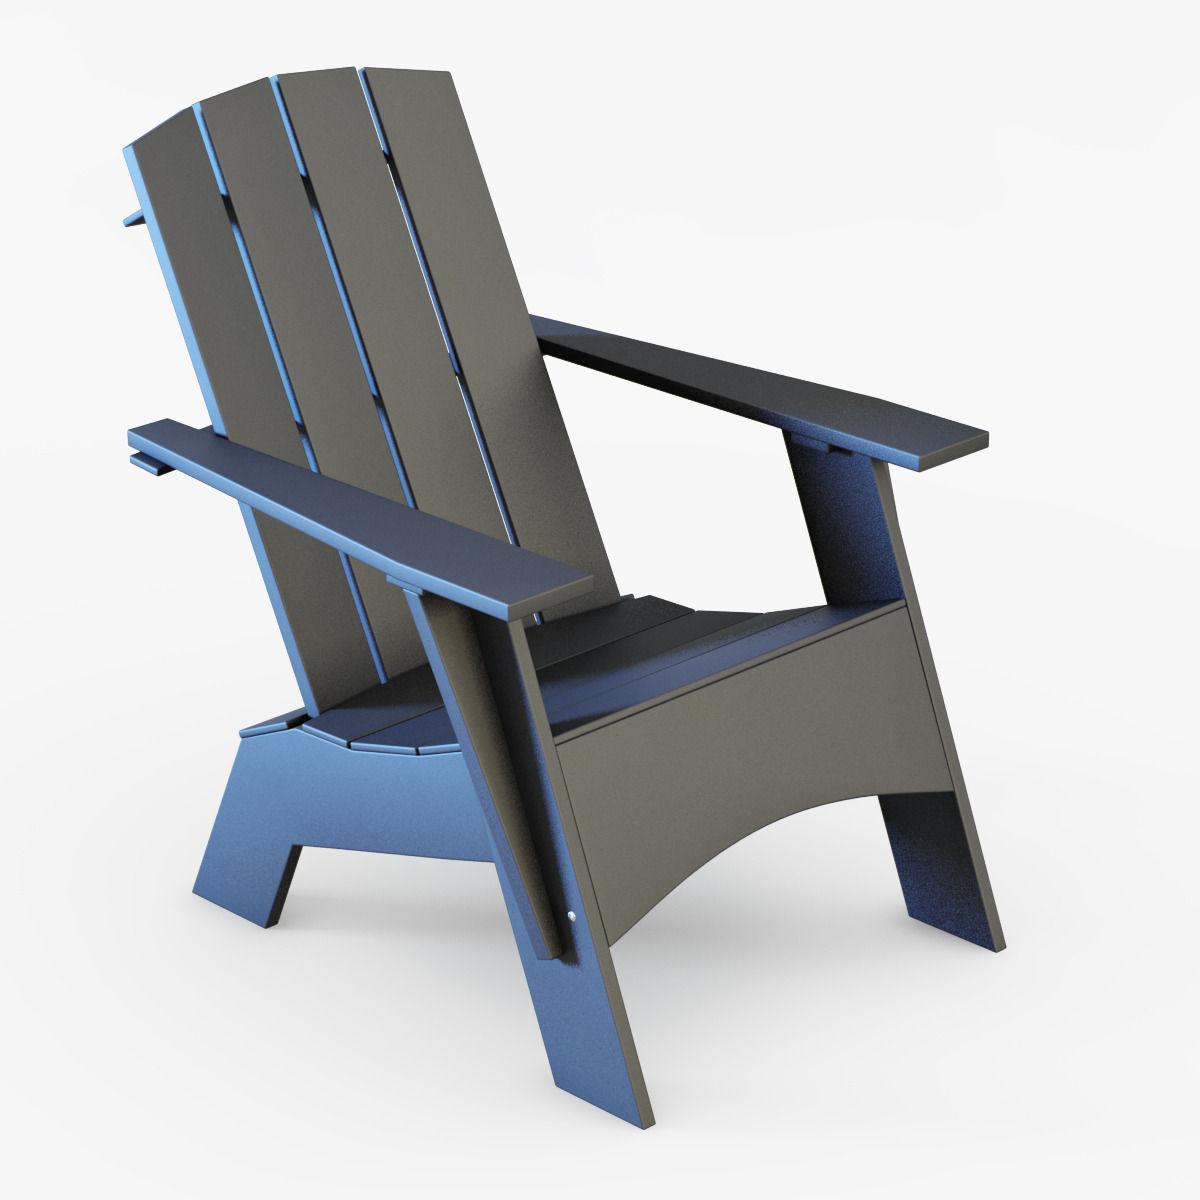 4 Slat Tall Adirondack Chair 3d Model Max Obj 3ds Fbx Dxf Mtl 1 ...